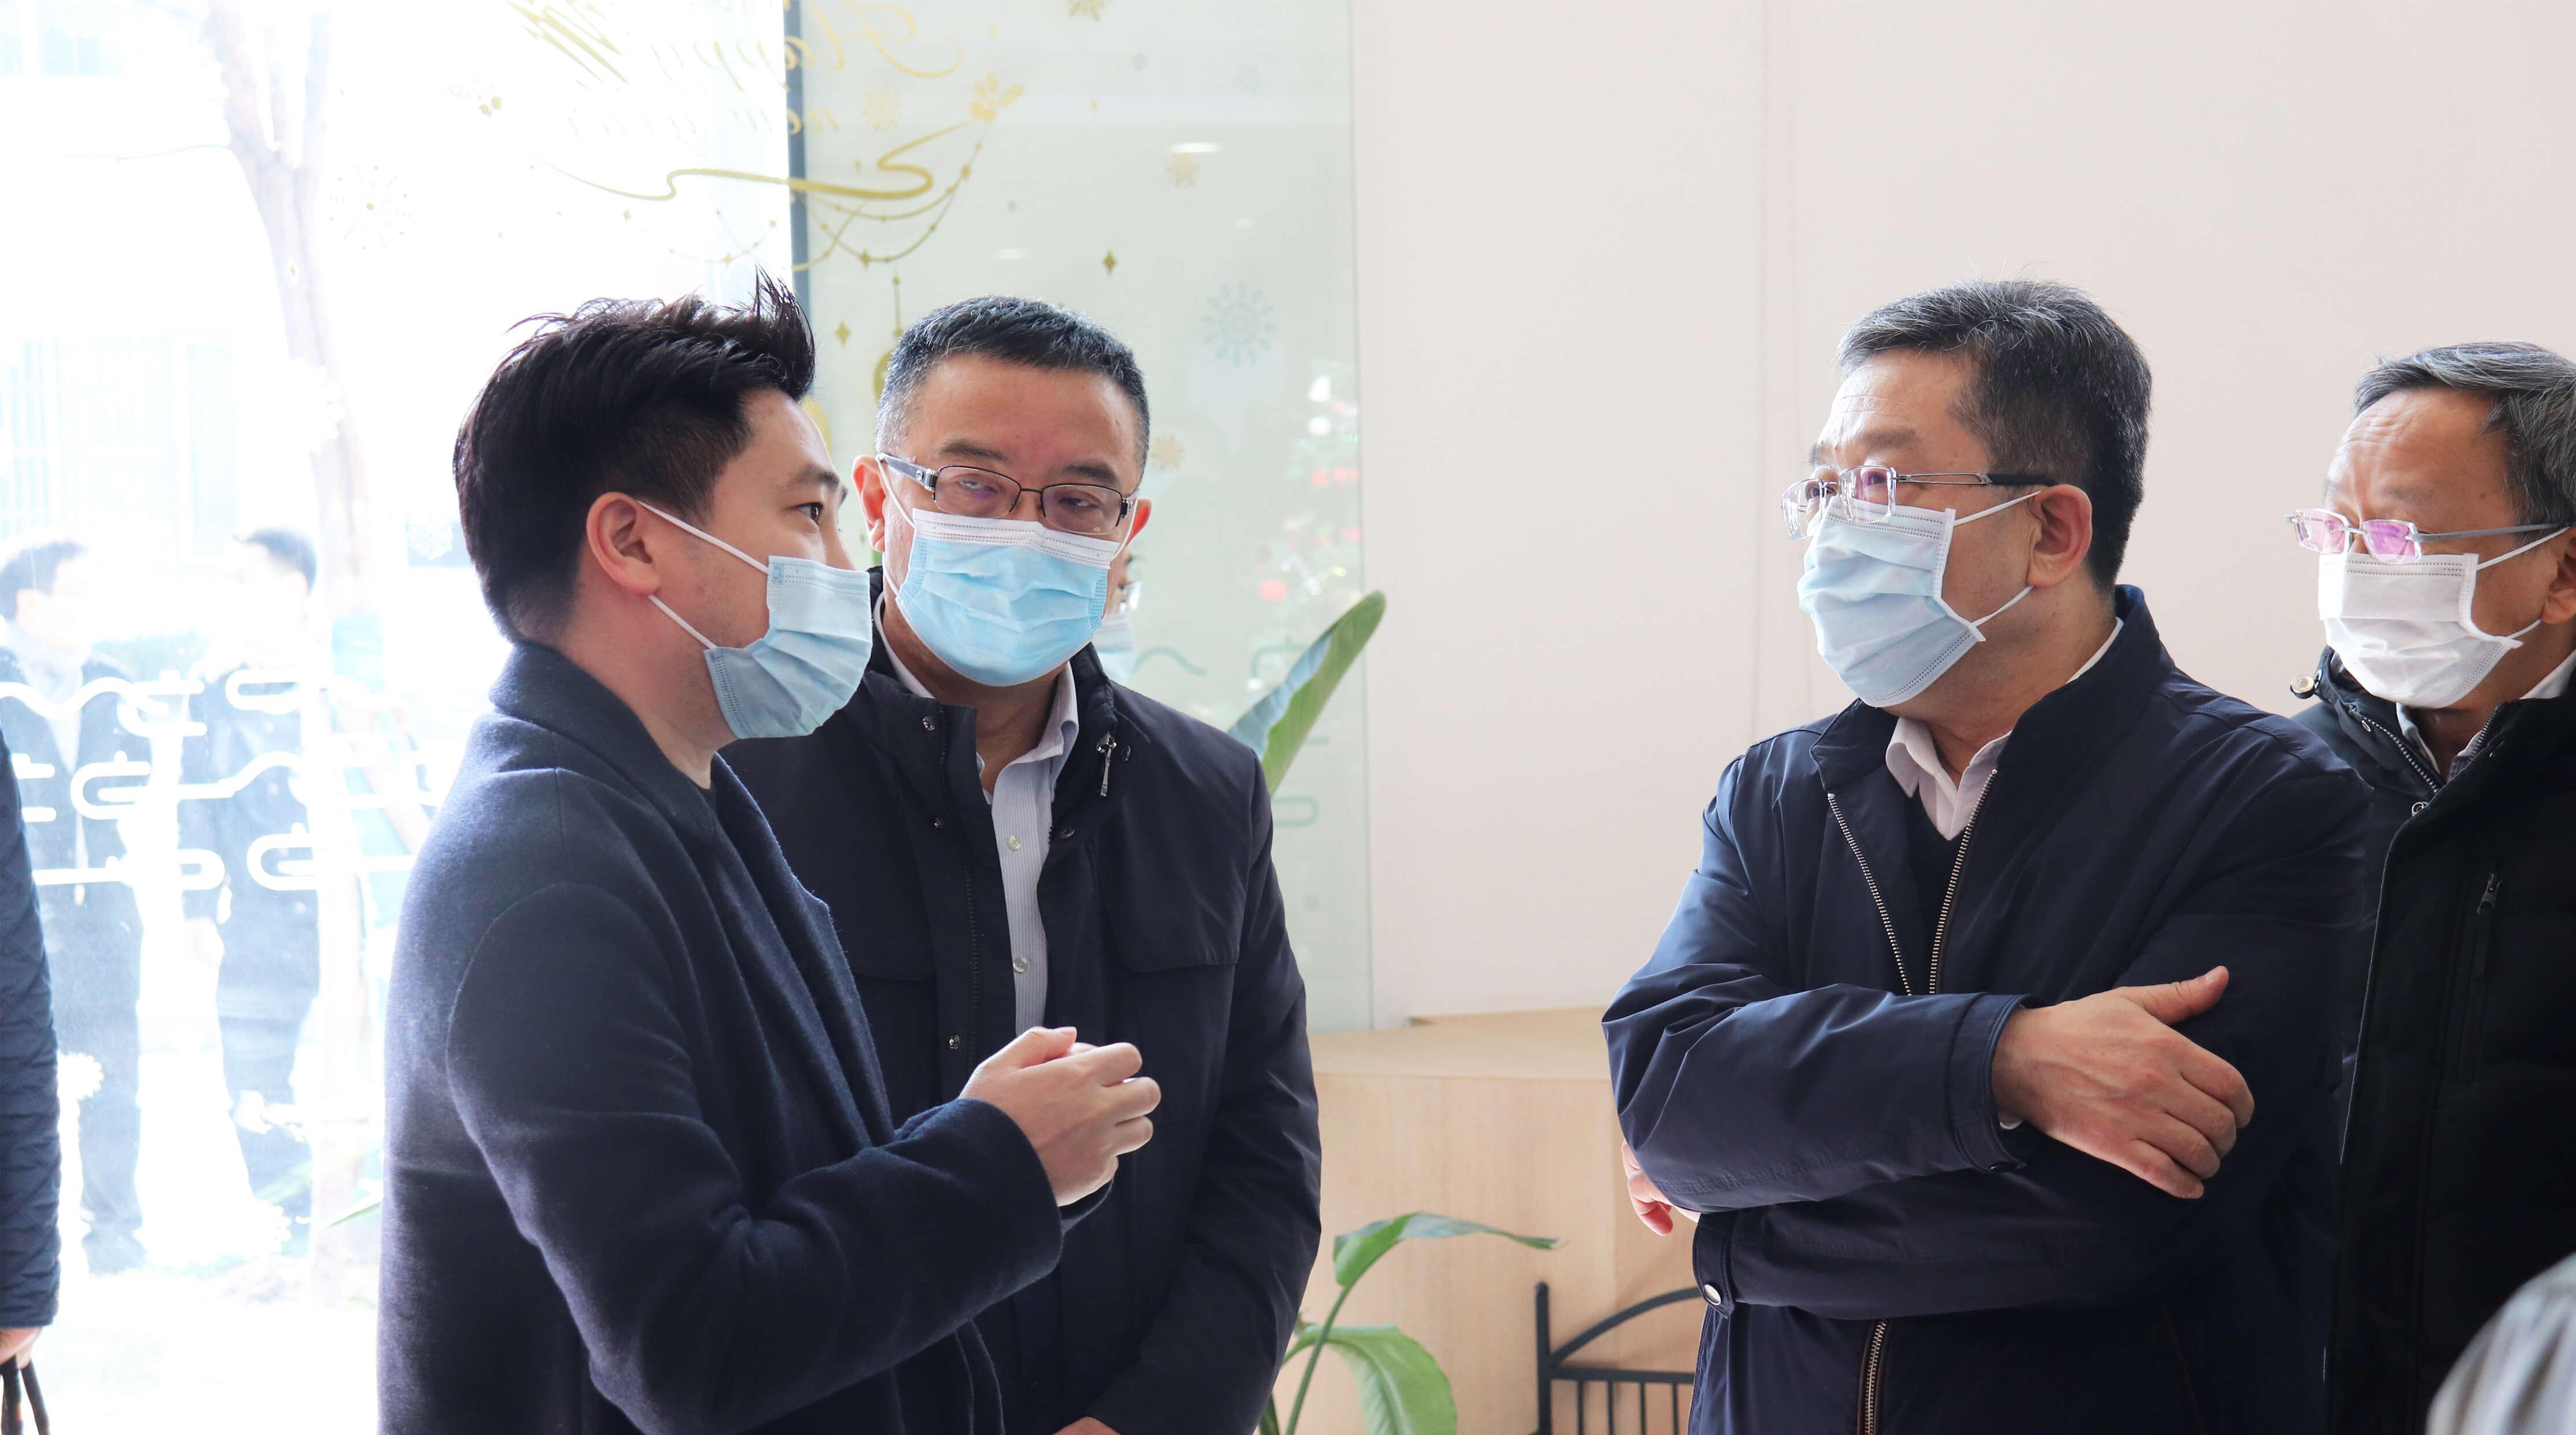 上海市委常委、统战部部长郑钢淼走访数字服务商食亨